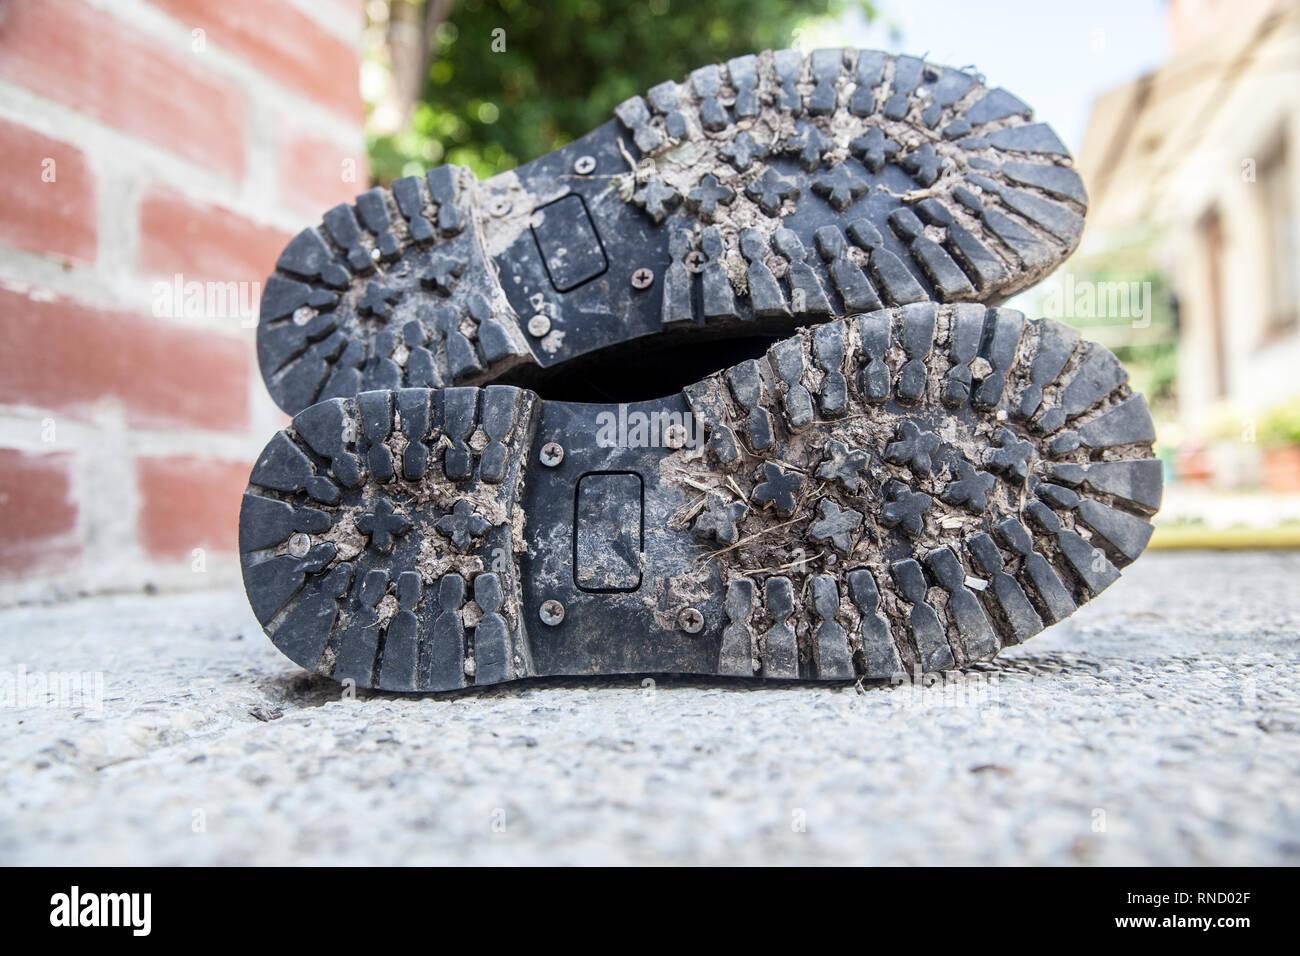 Schwarze Stiefel Stockfotos & Schwarze Stiefel Bilder Alamy